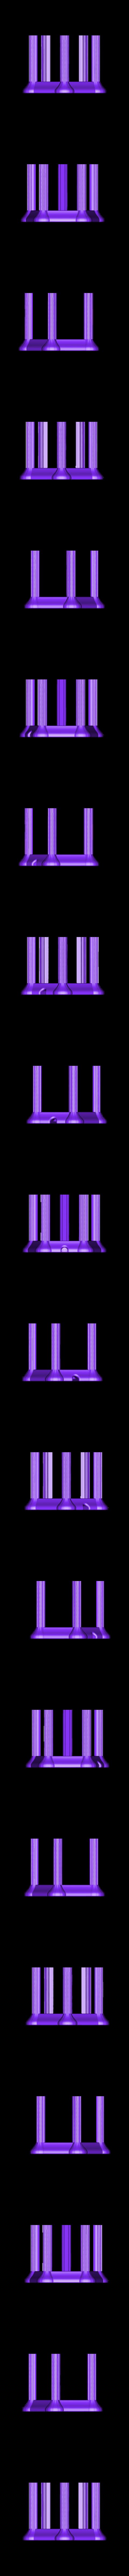 Mod-LItho-Base.stl Télécharger fichier STL gratuit Lanterne Lithophane Modulaire • Design à imprimer en 3D, ChrisBobo